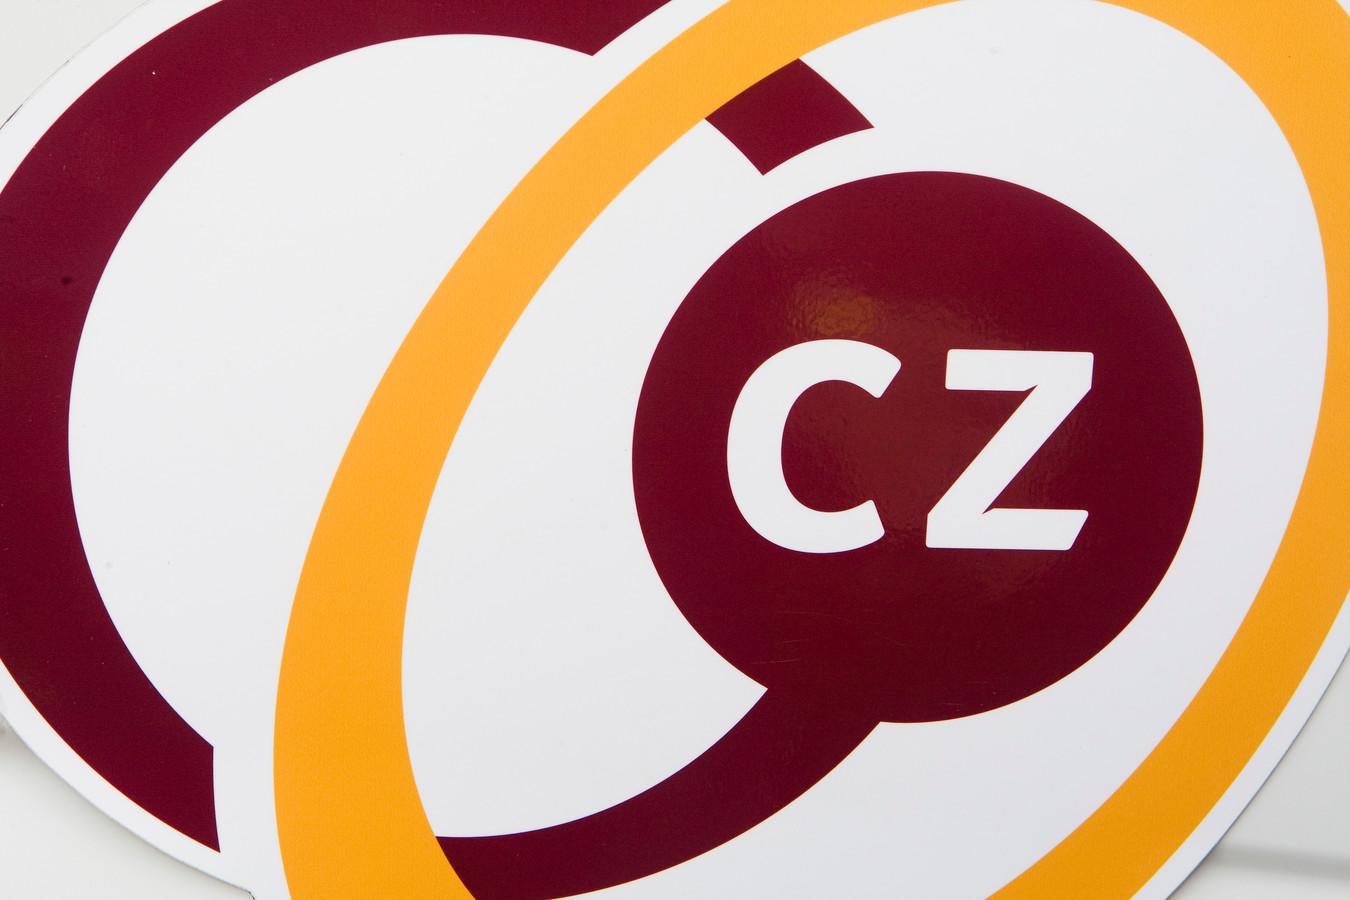 Het logo van Zorgverzekeraar CZ.